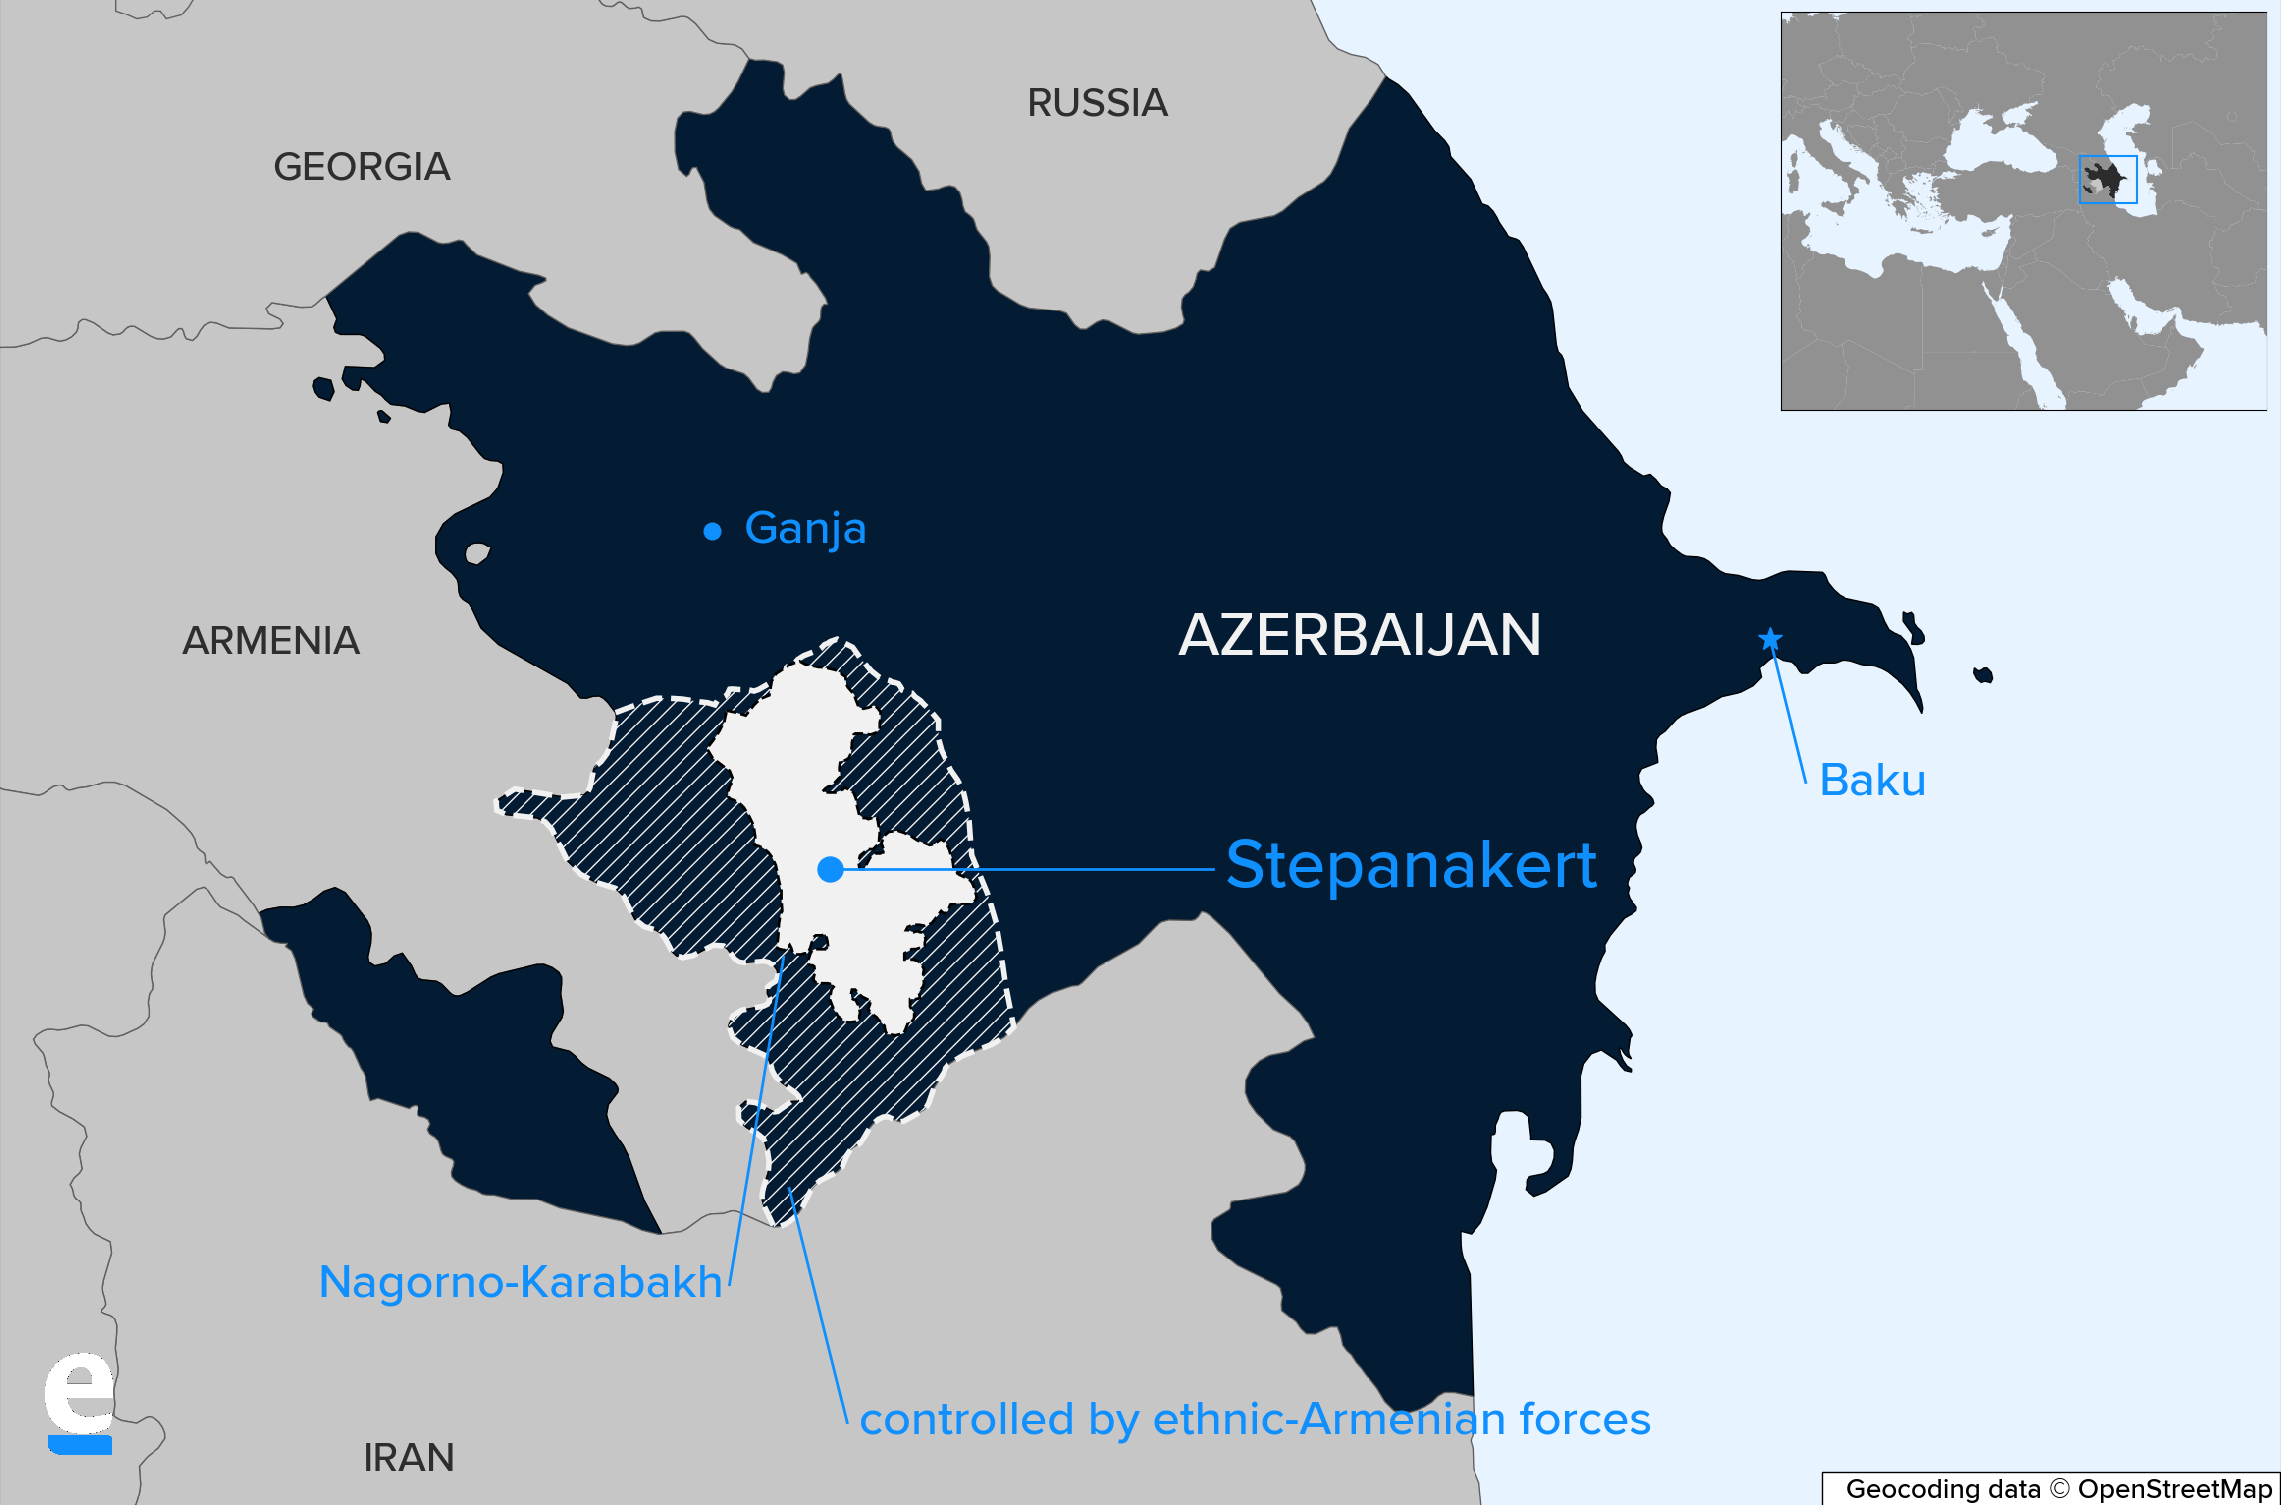 Nagorno-Karabakh map